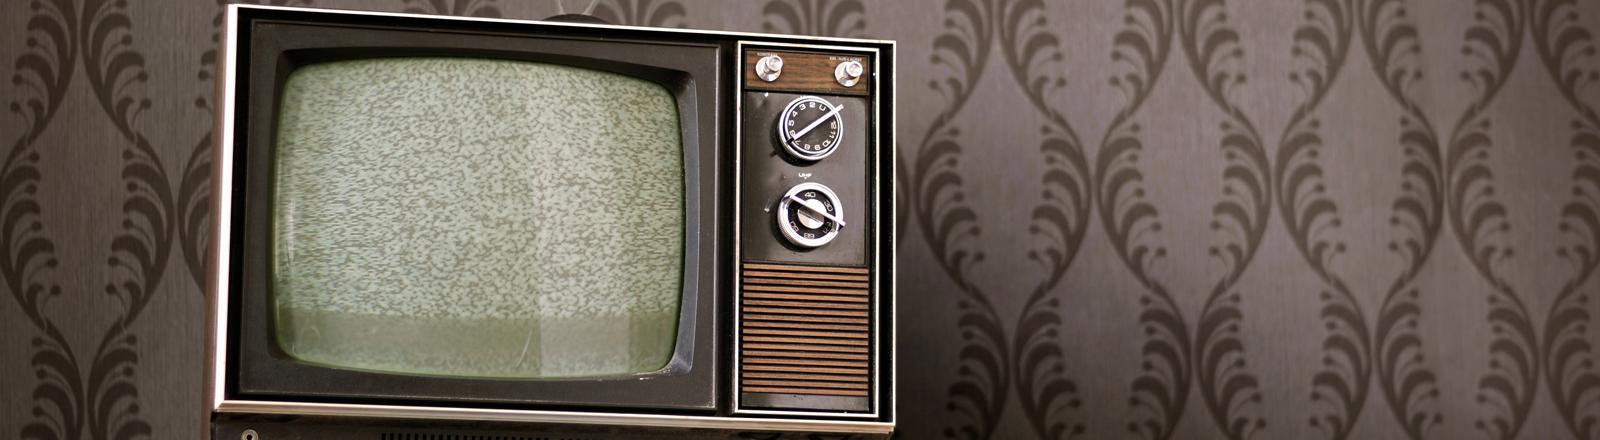 Ein alter Fernseher vor einer 70er Jahre Tapete